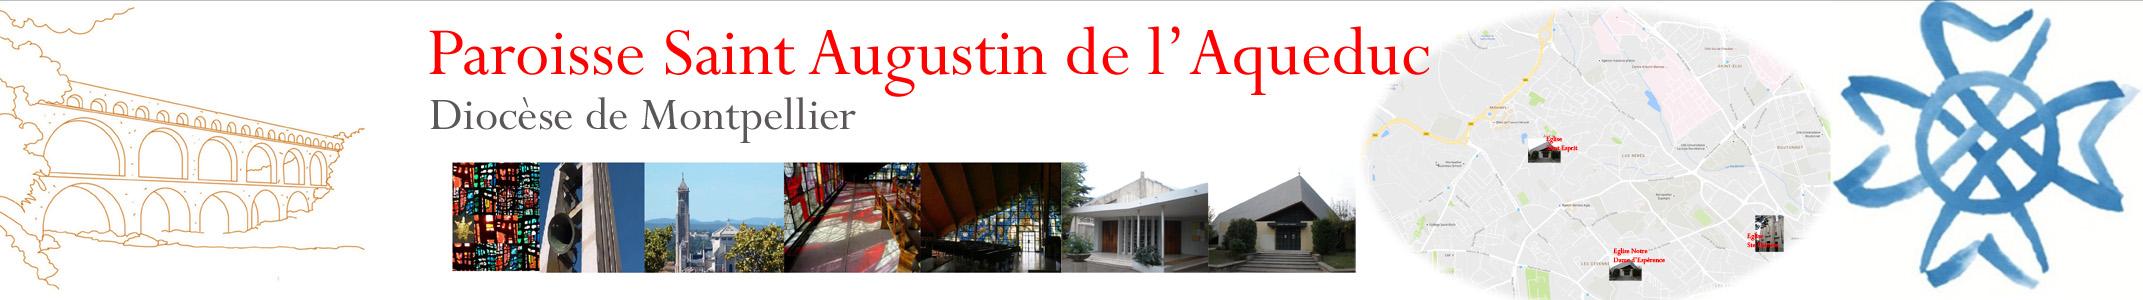 Paroisse Saint Augustin de l'Aqueduc – Montpellier